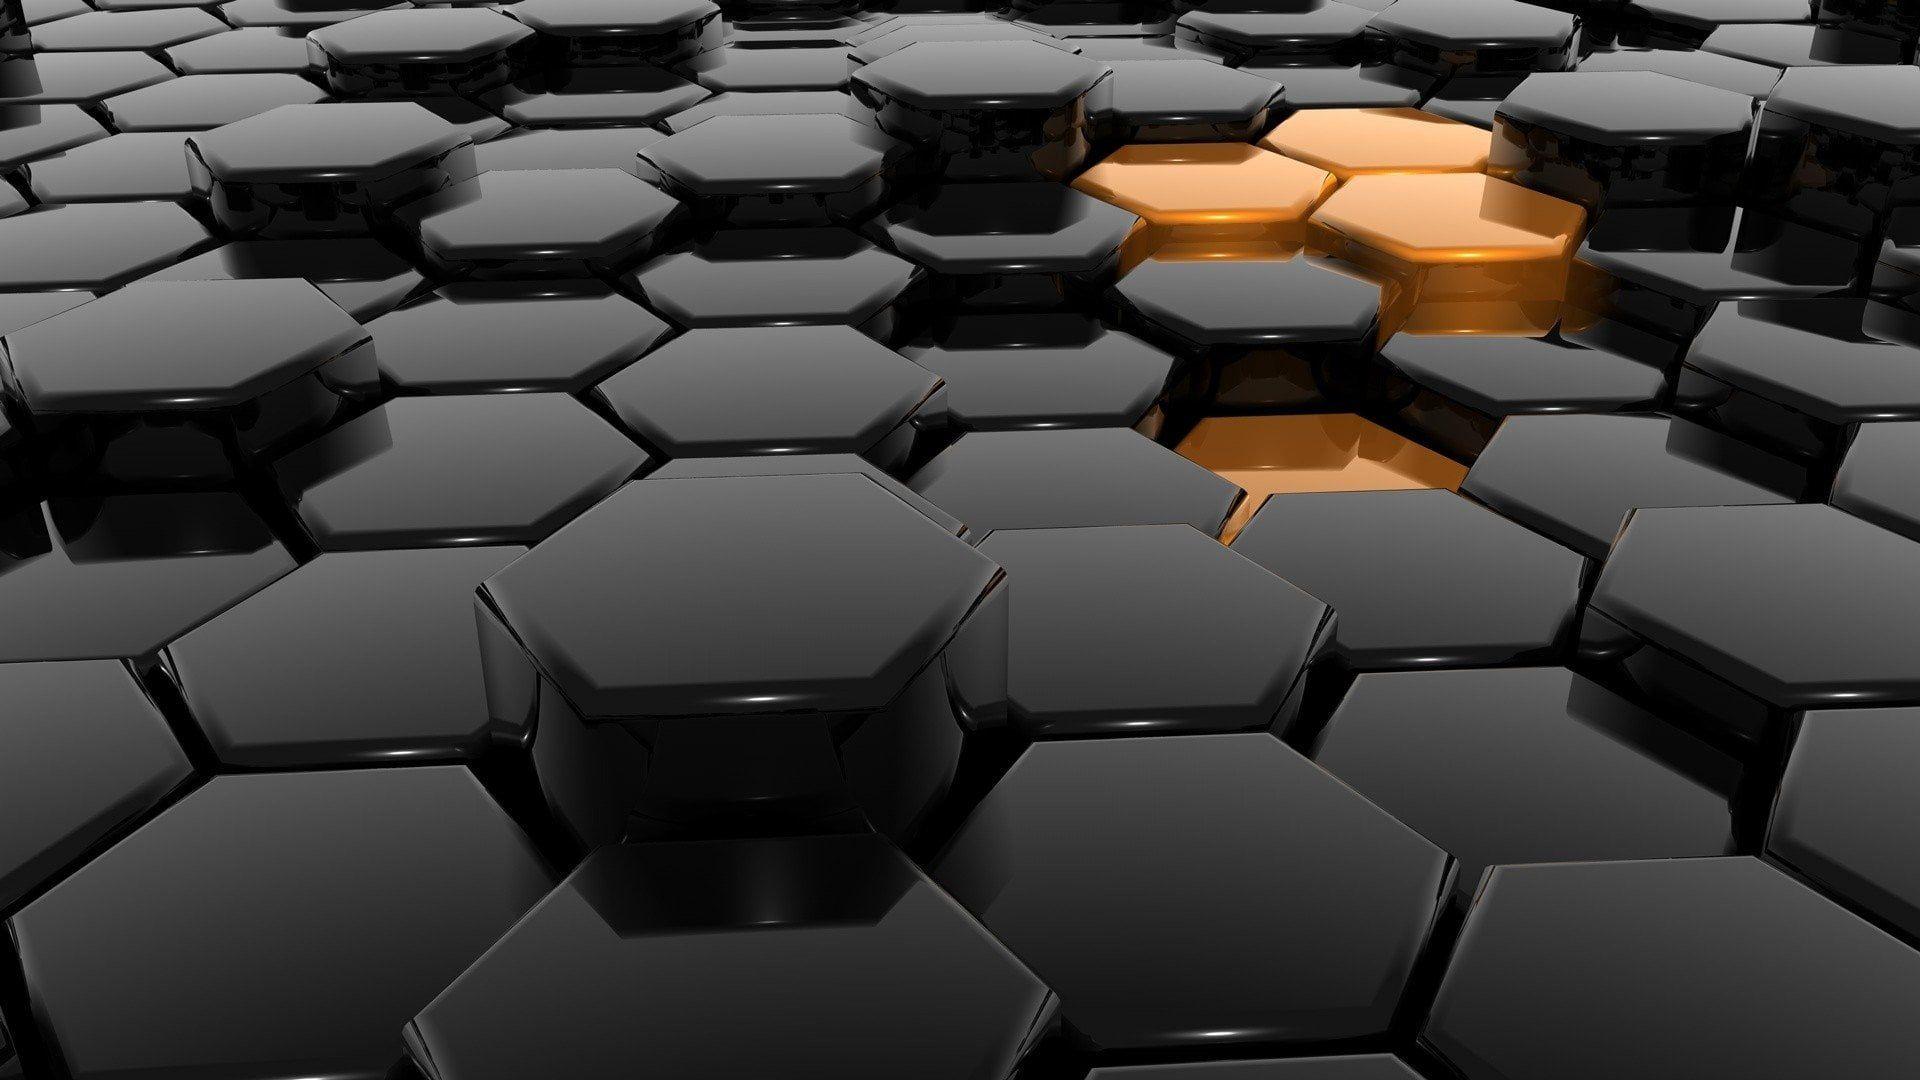 Hexagonal Black Digital Wallpaper Artistic 3d Art Abstract Digital Art 1080p Wallpaper Hdwallpaper Digital Wallpaper Hexagon Wallpaper Honeycomb Wallpaper 3d art wallpaper photos